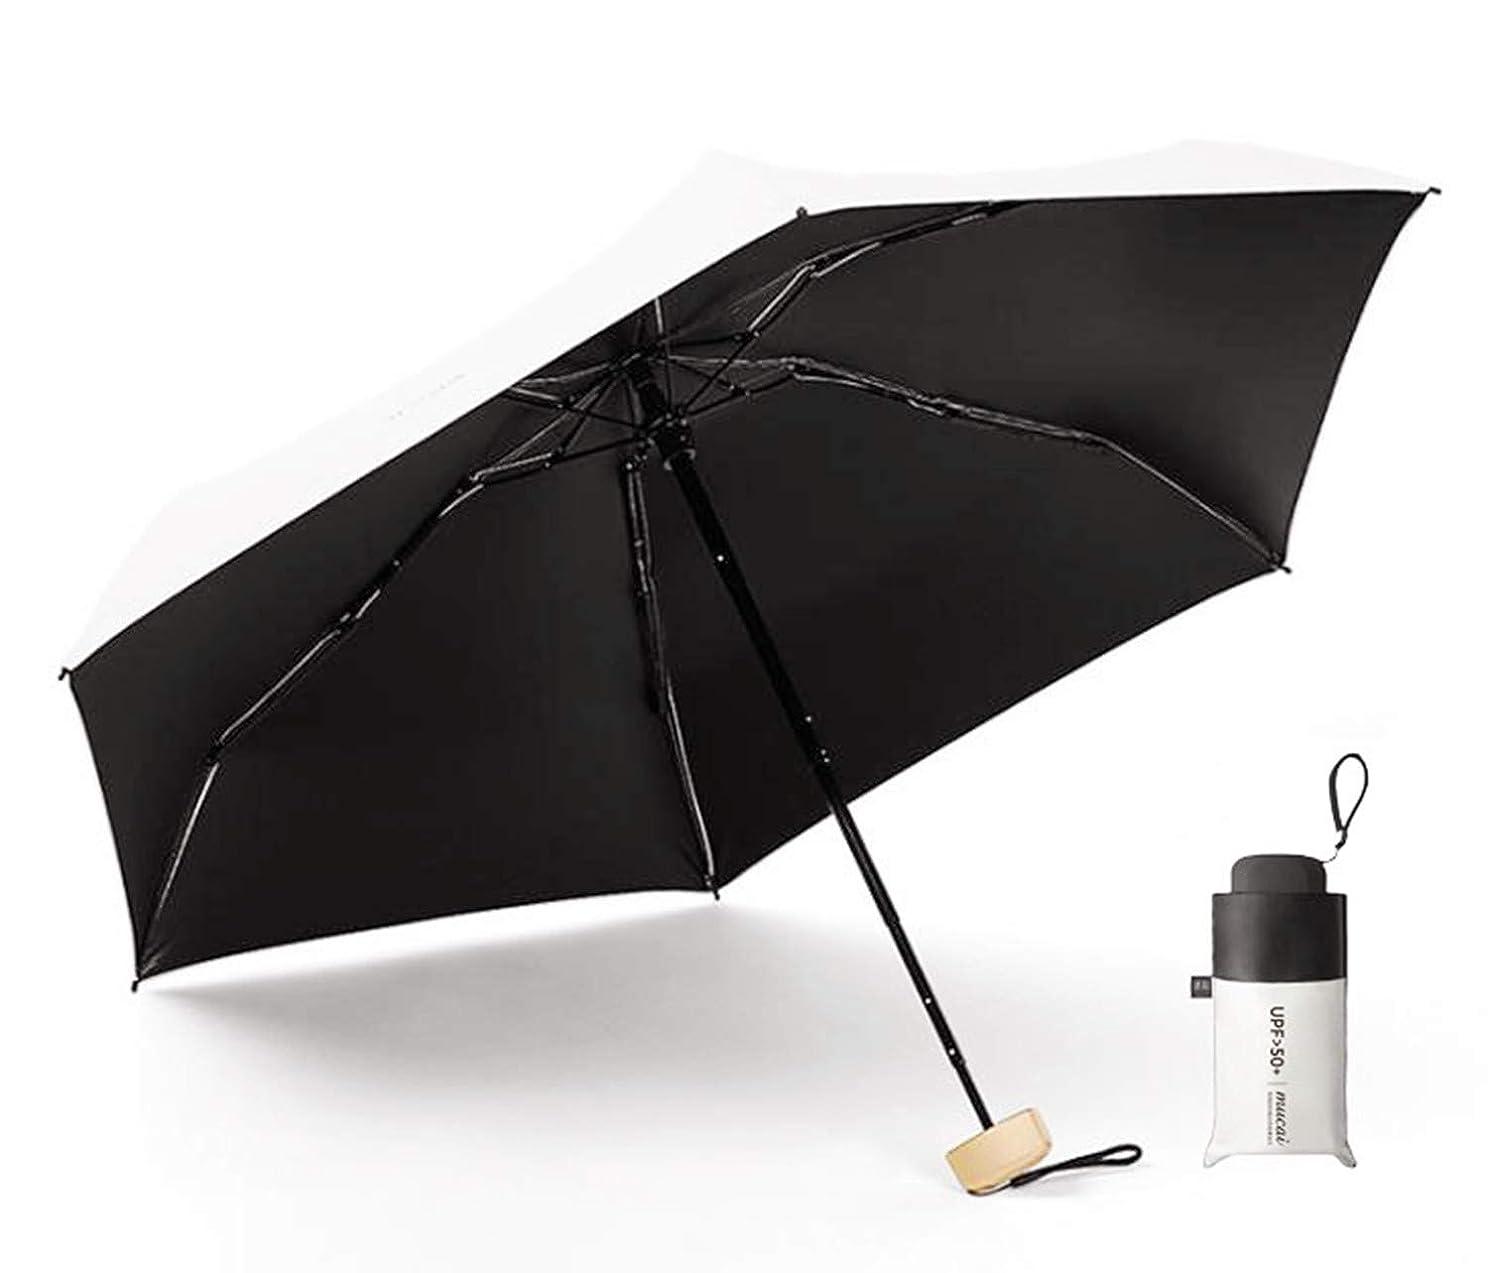 キャンペーン高価なつぼみ日傘 折りたたみ 傘 梅雨対策 晴雨兼用 耐風 遮光 頑丈 携帯 手動開閉 紫外線遮断 カバー付き (ホワイト)